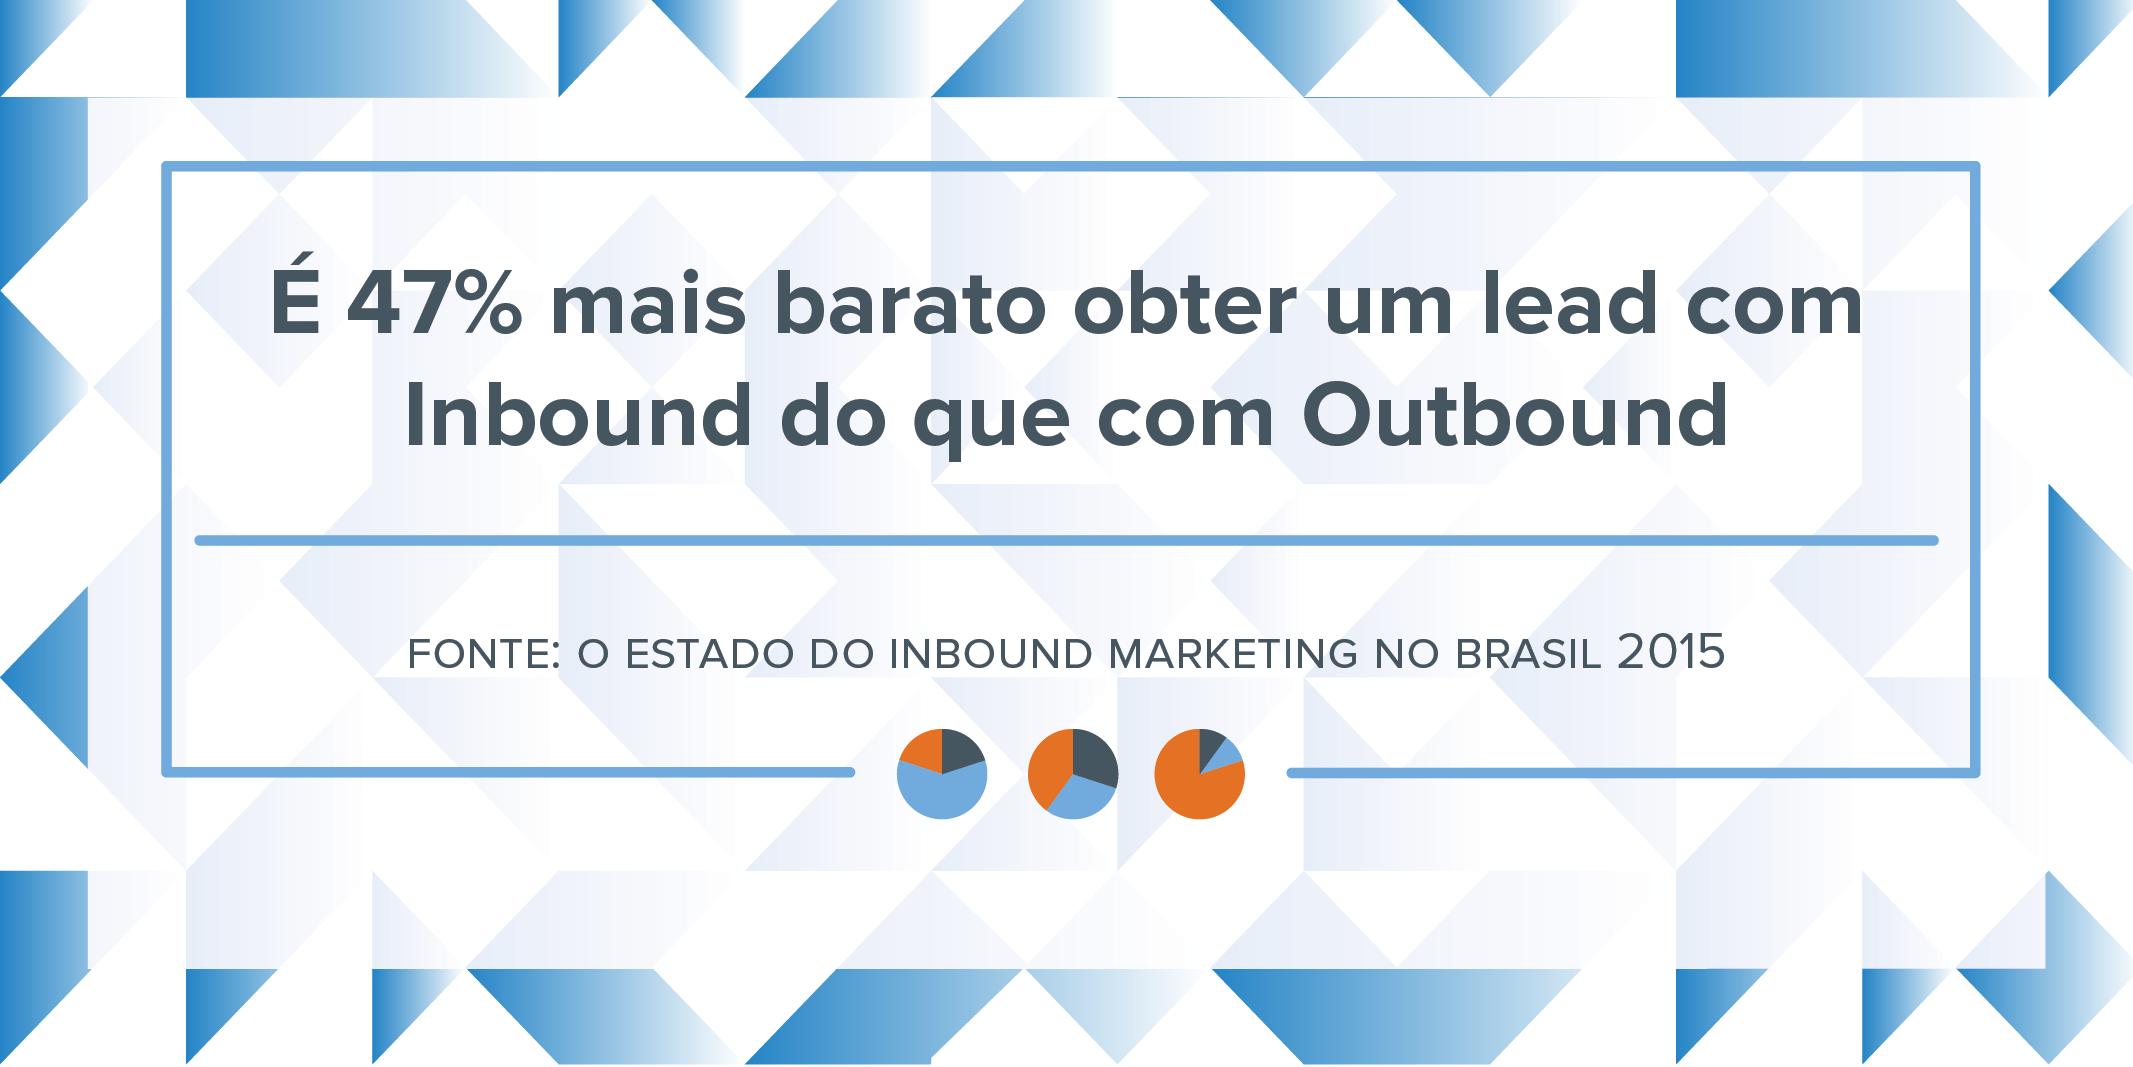 estatisticas-de-inbound-marketing-4.png